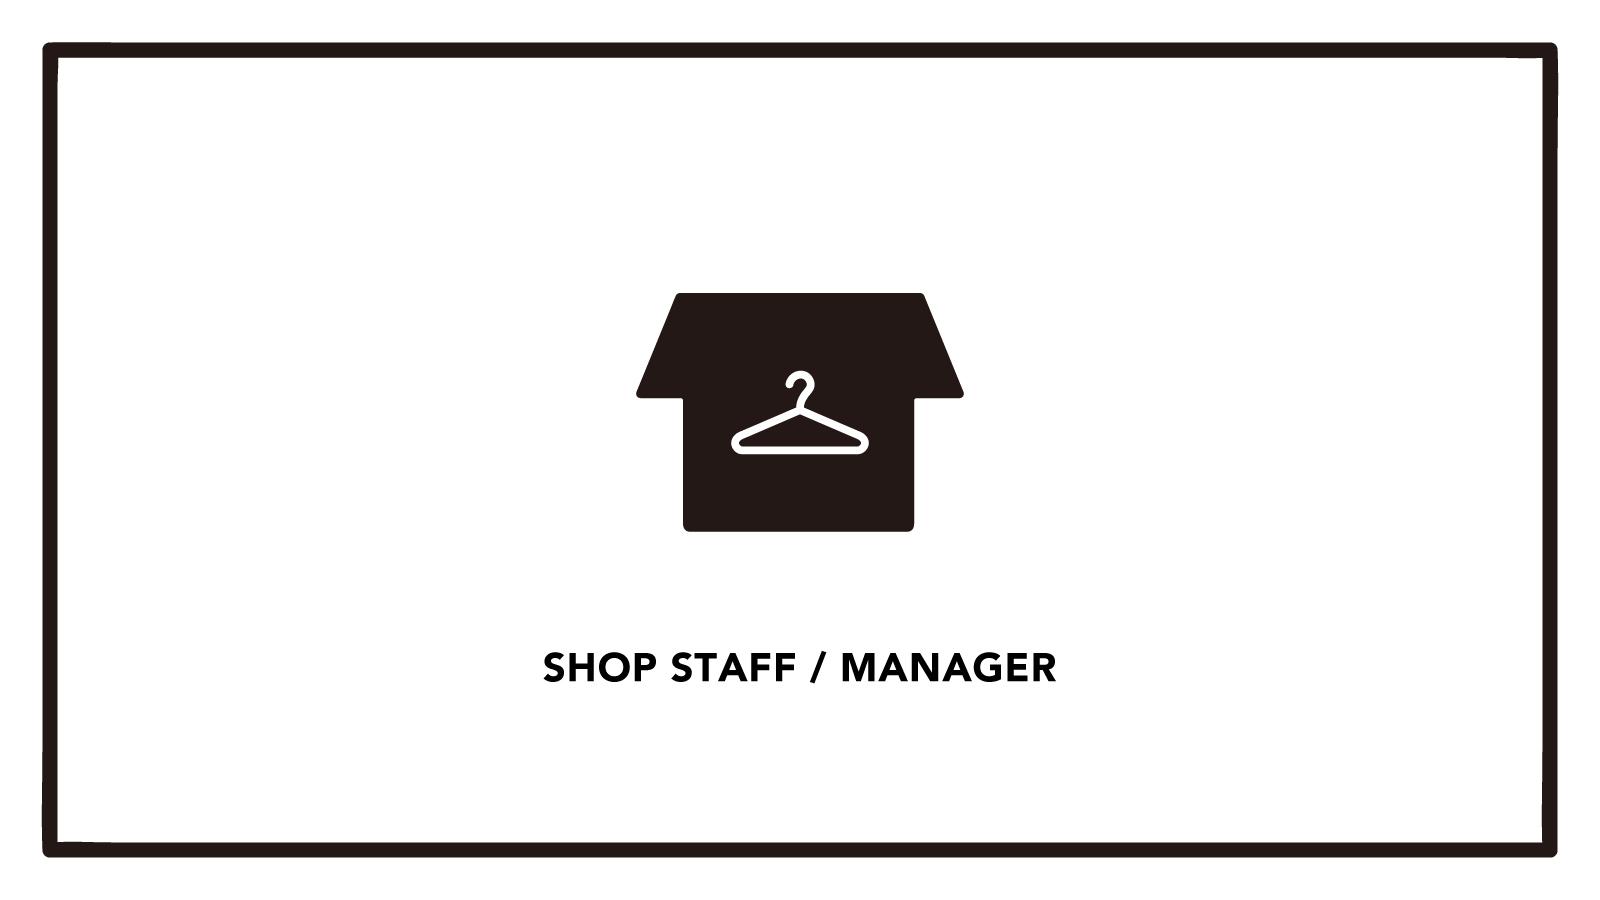 《東京》米系老舗セレクトショップのスタッフを募集していますのカバー写真